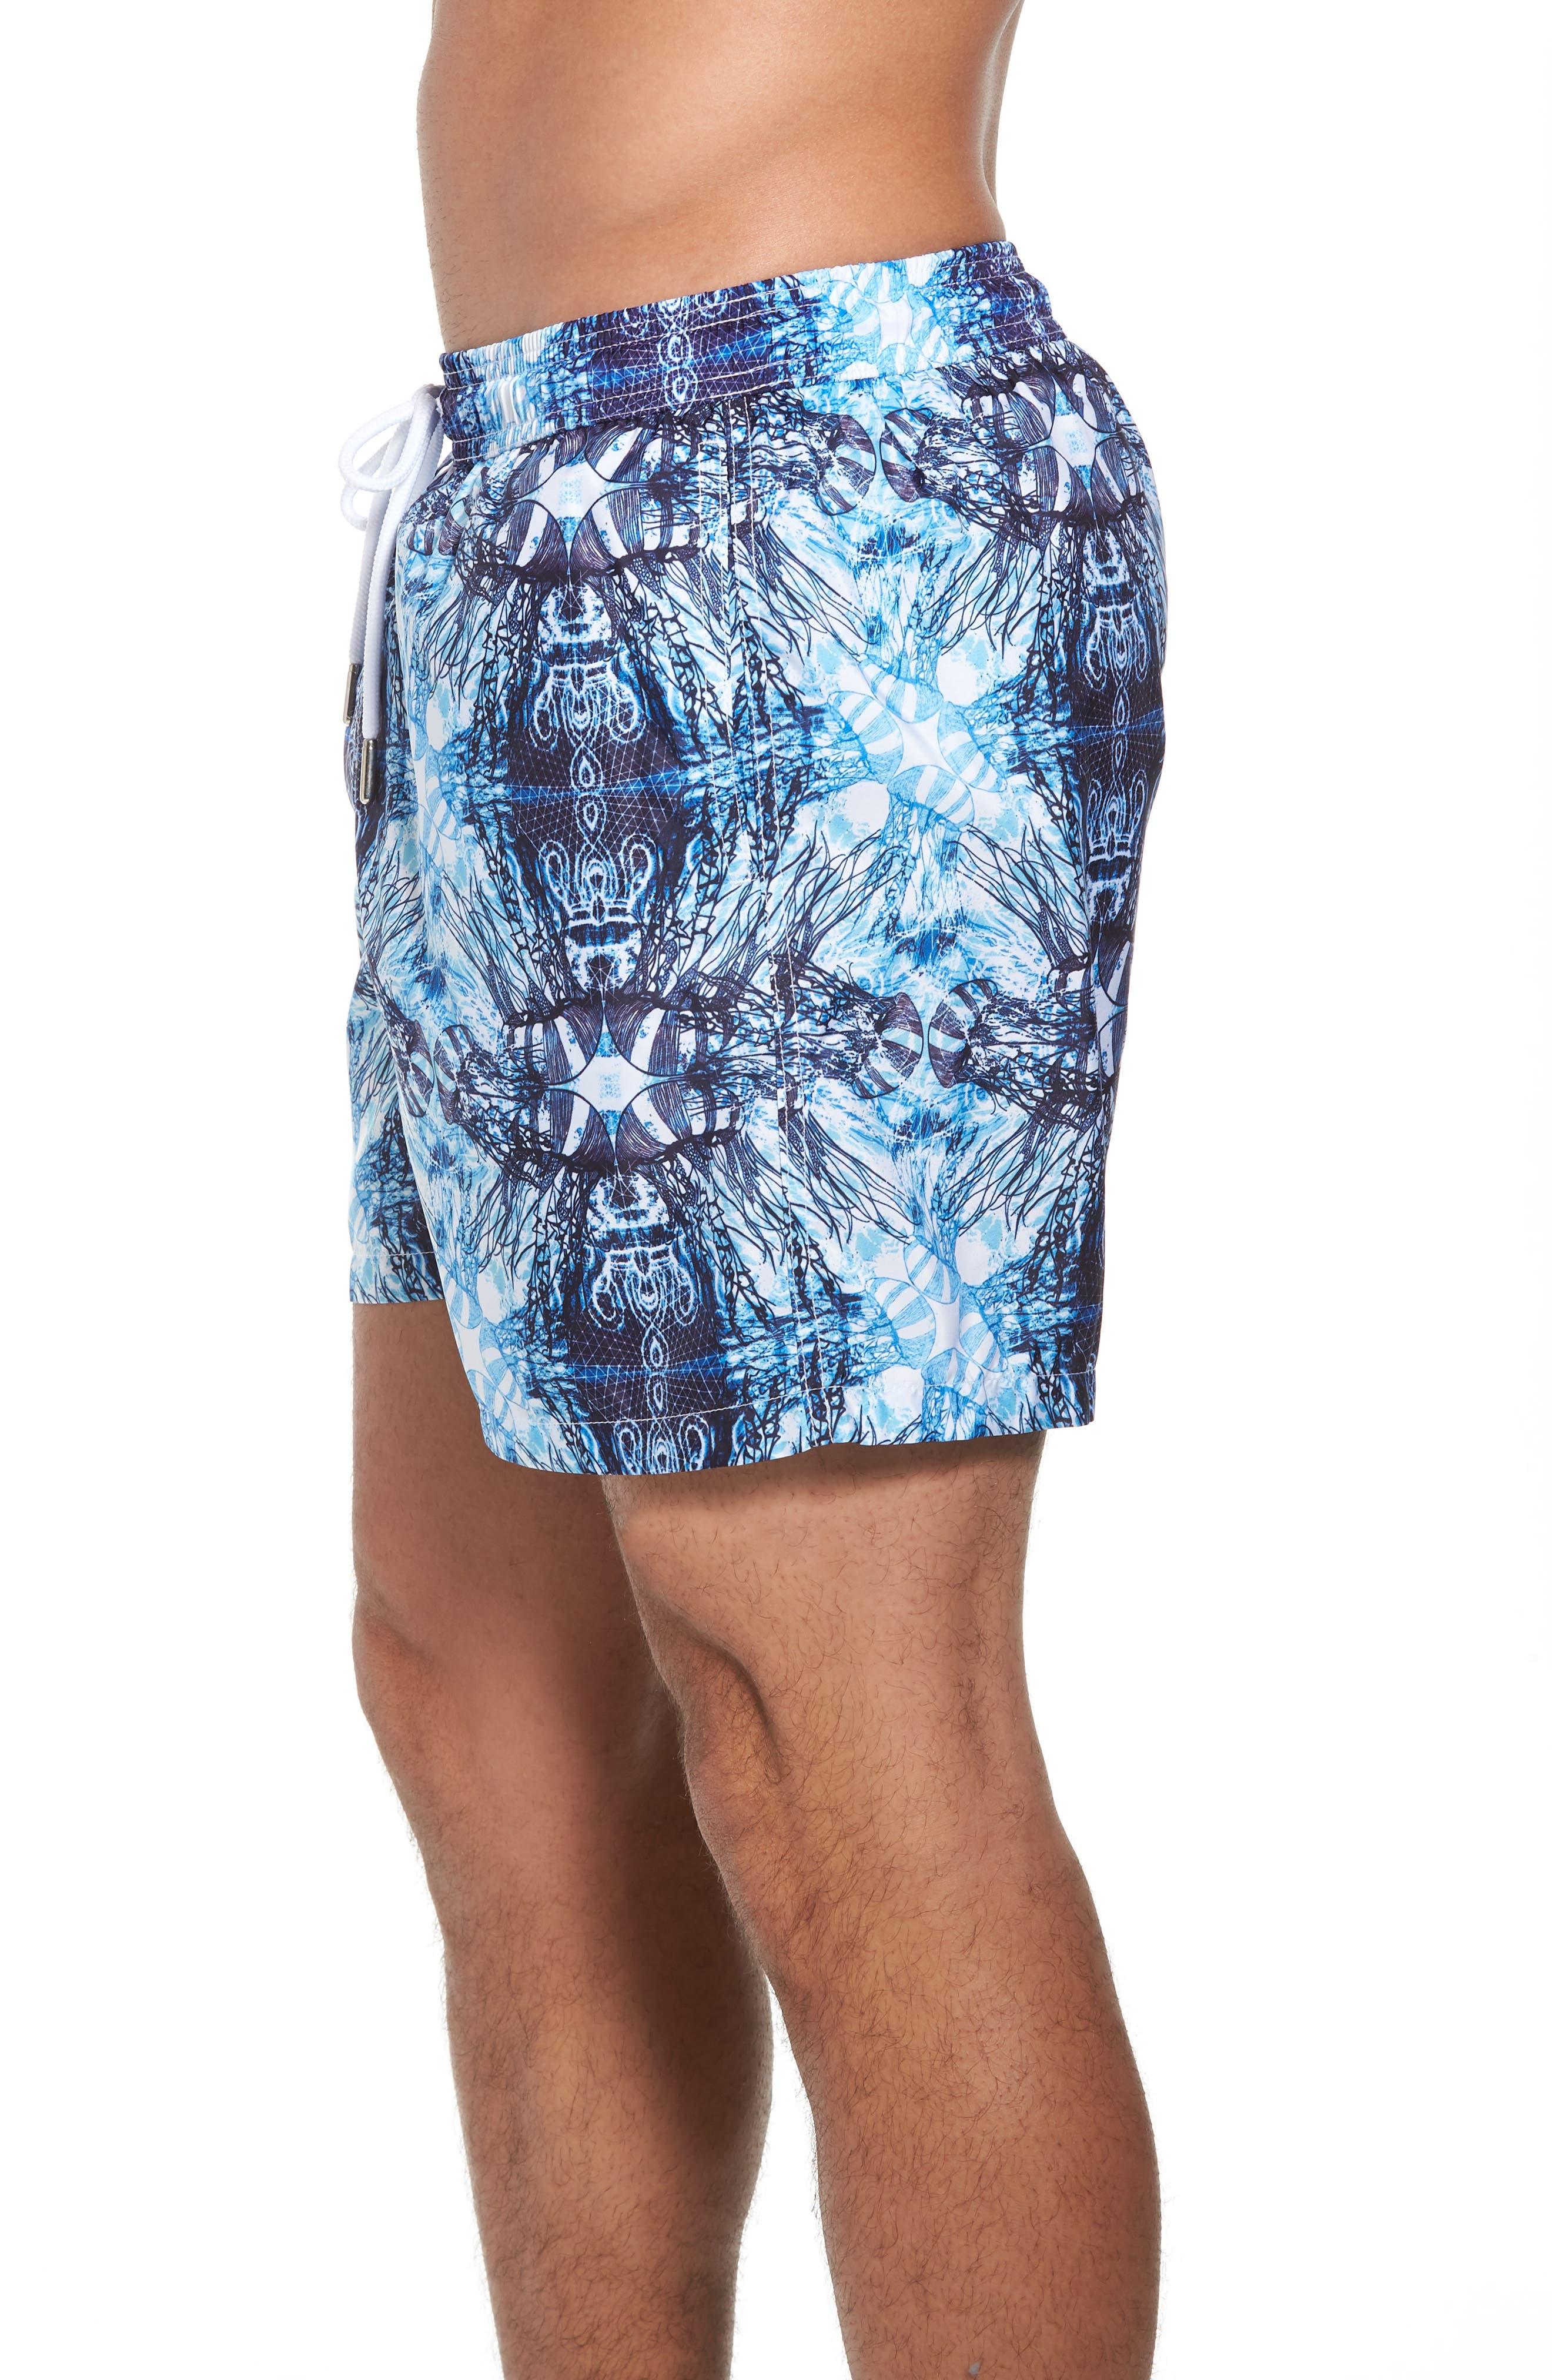 Trim Fit Swim Shorts,                             Alternate thumbnail 3, color,                             Light Blue Jelly Fish